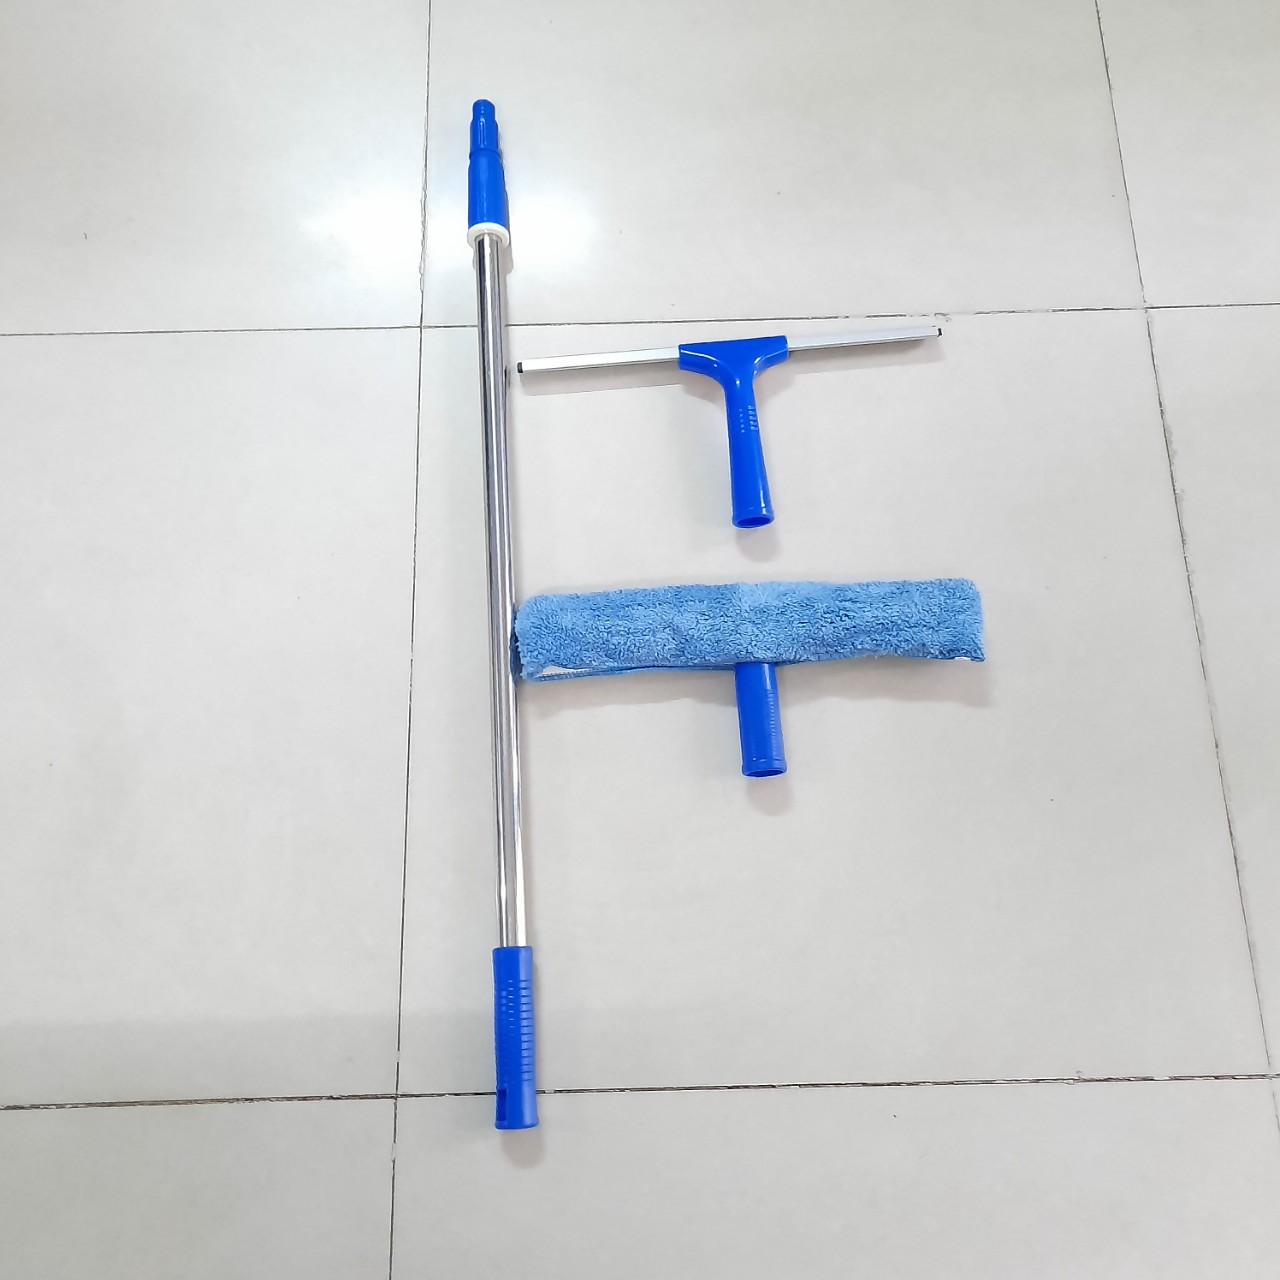 BỘ LAU KÍNH INOX CAO CẤP 1,3m, chuyên dùng cho gia đình- trường học, cây nối dài 1,3m thu gọn 0,85m,, tay gạt nước , tay lau bông thỏ xanh